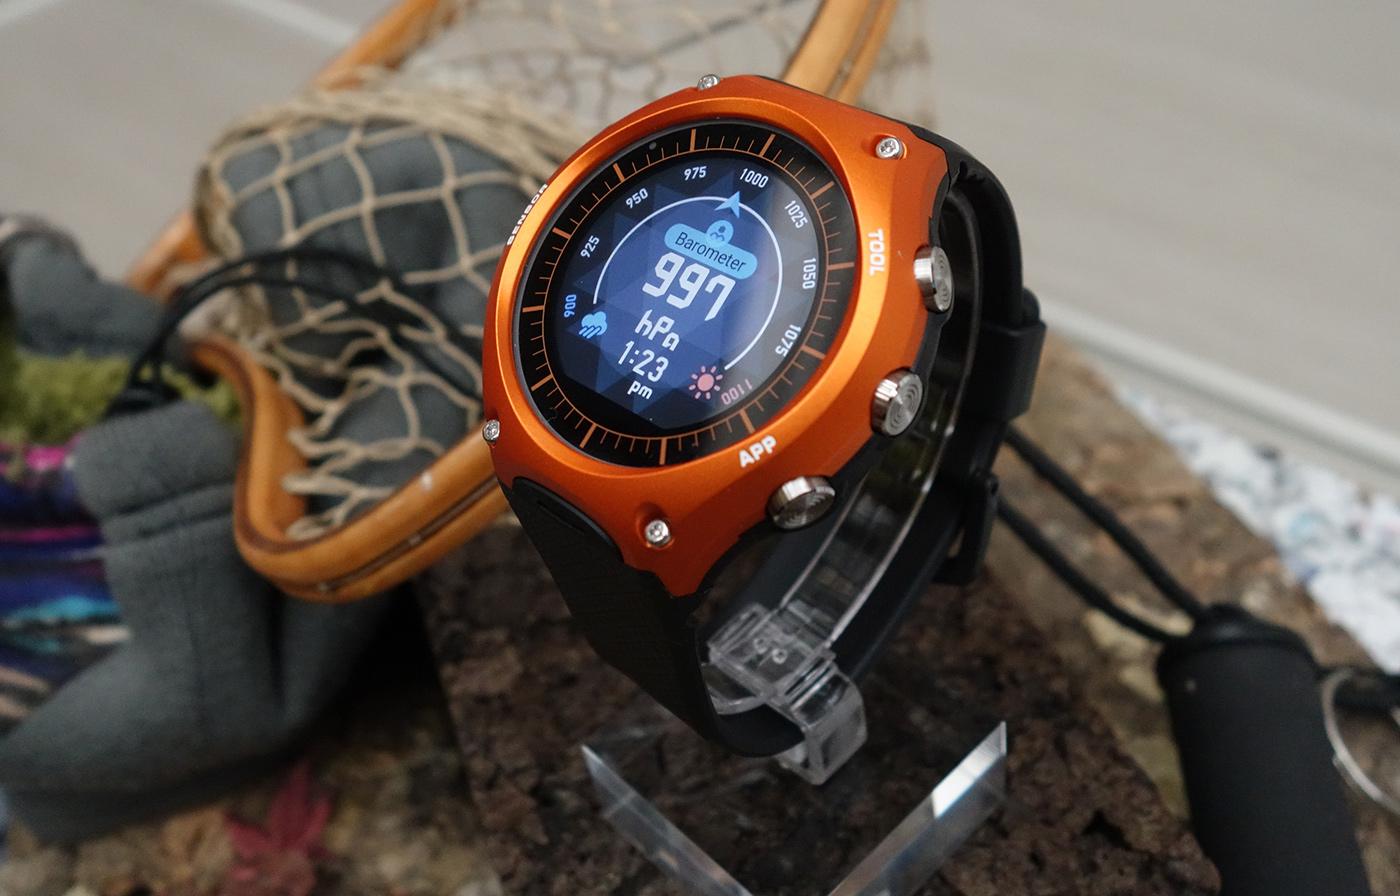 卡西欧的第一款智能手表是个超巨大的 G-Shock